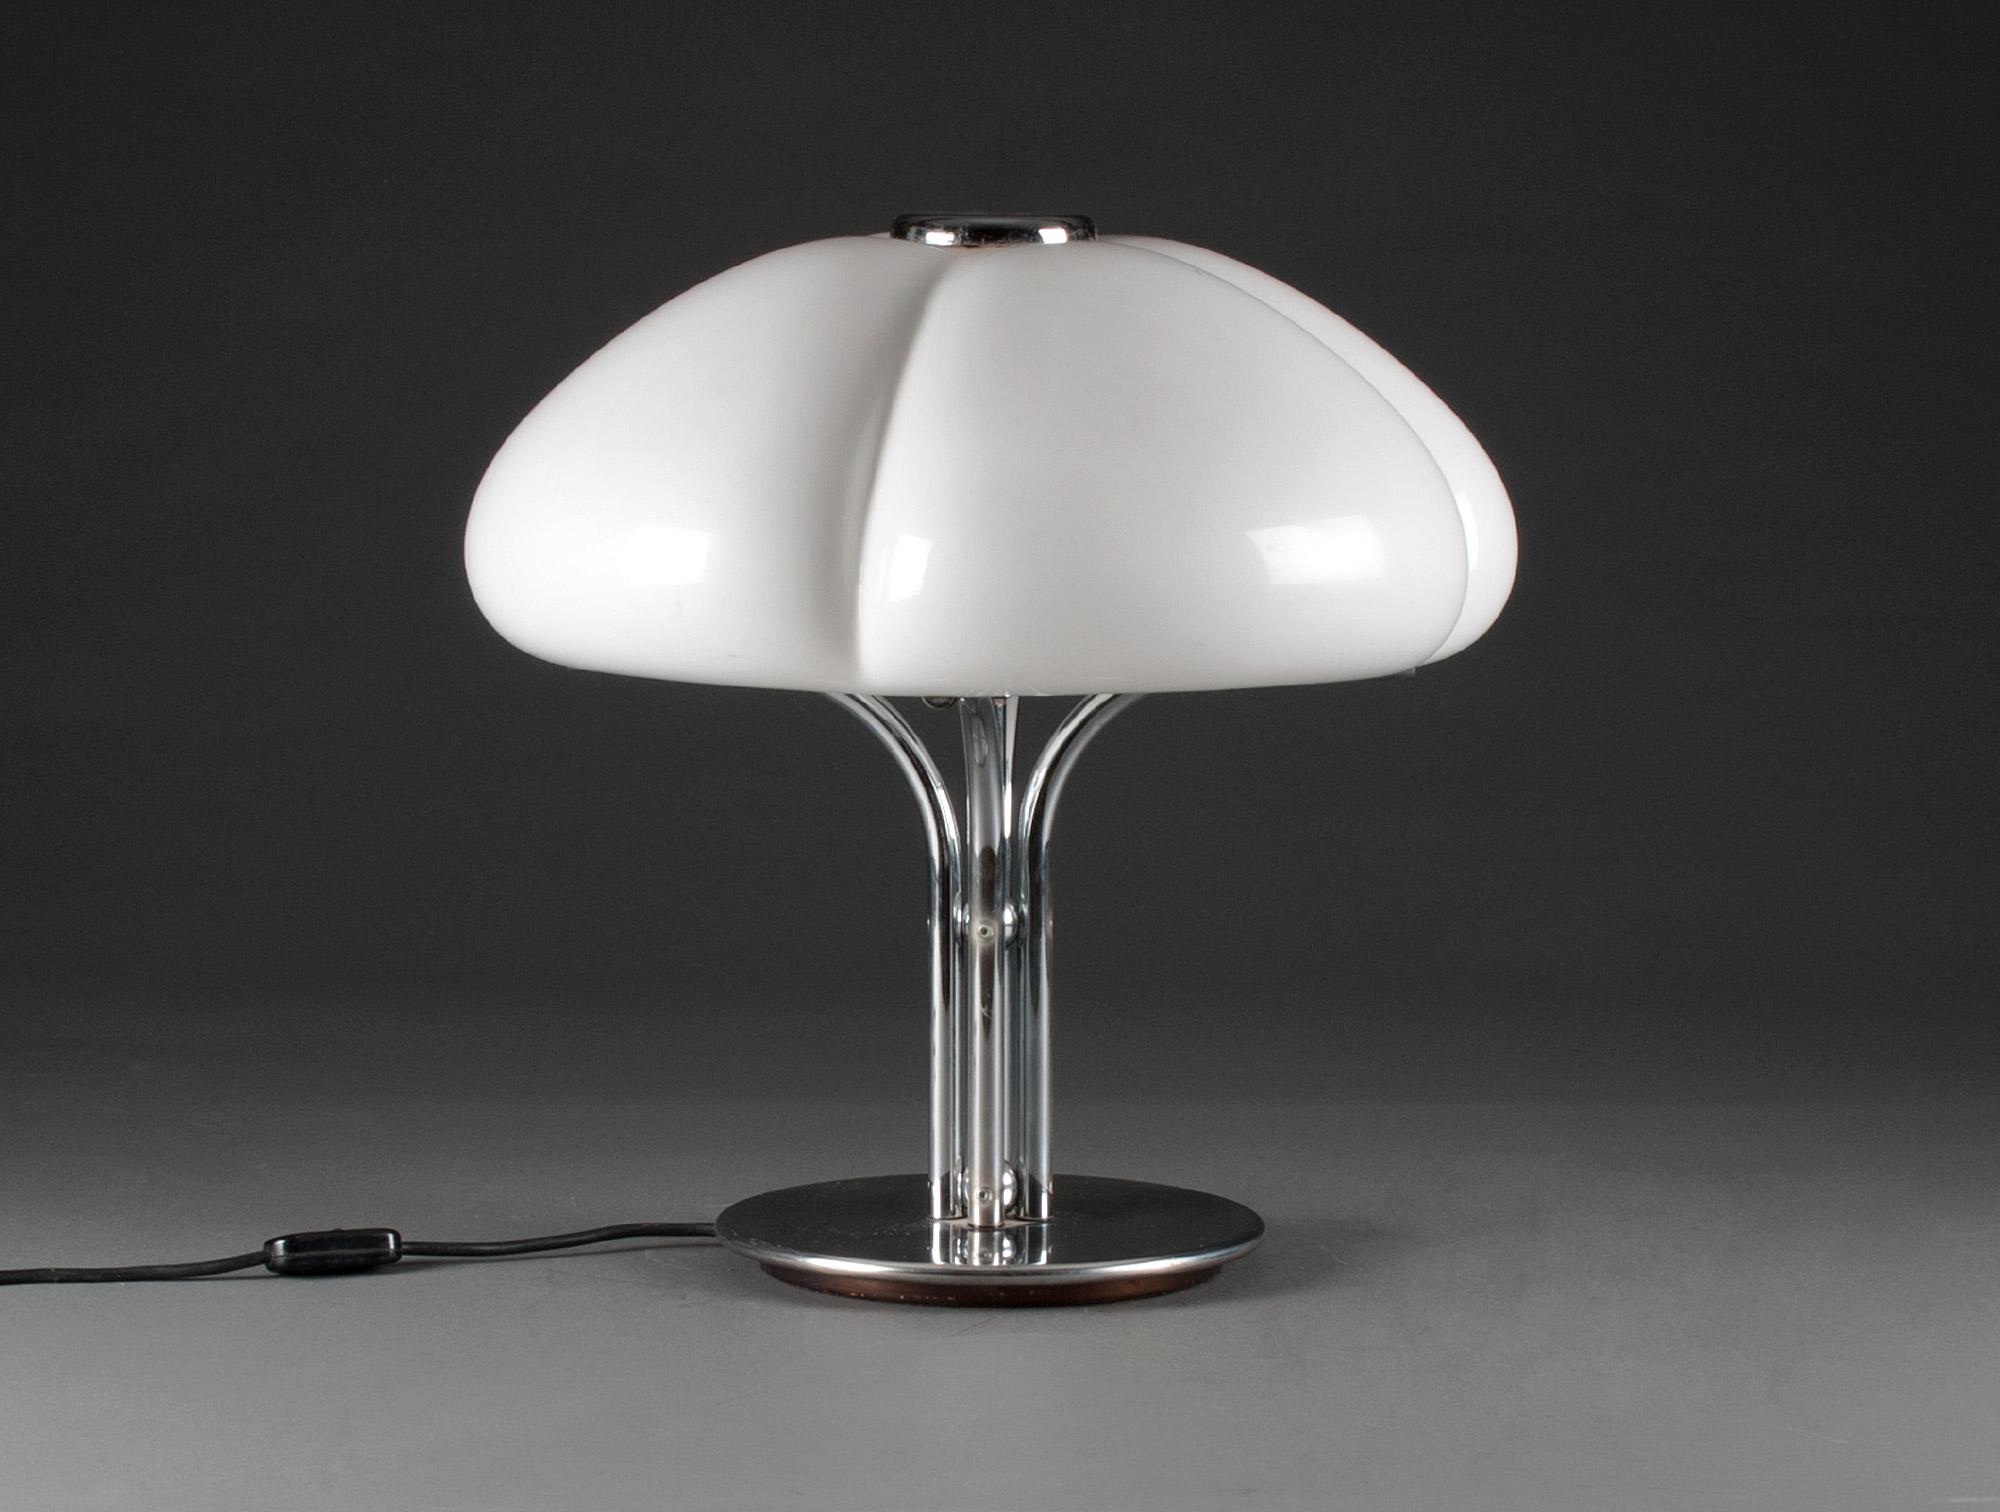 Lampe Quadrifoglio 1970 Soubrier Louer Luminaires Lampe Xxe